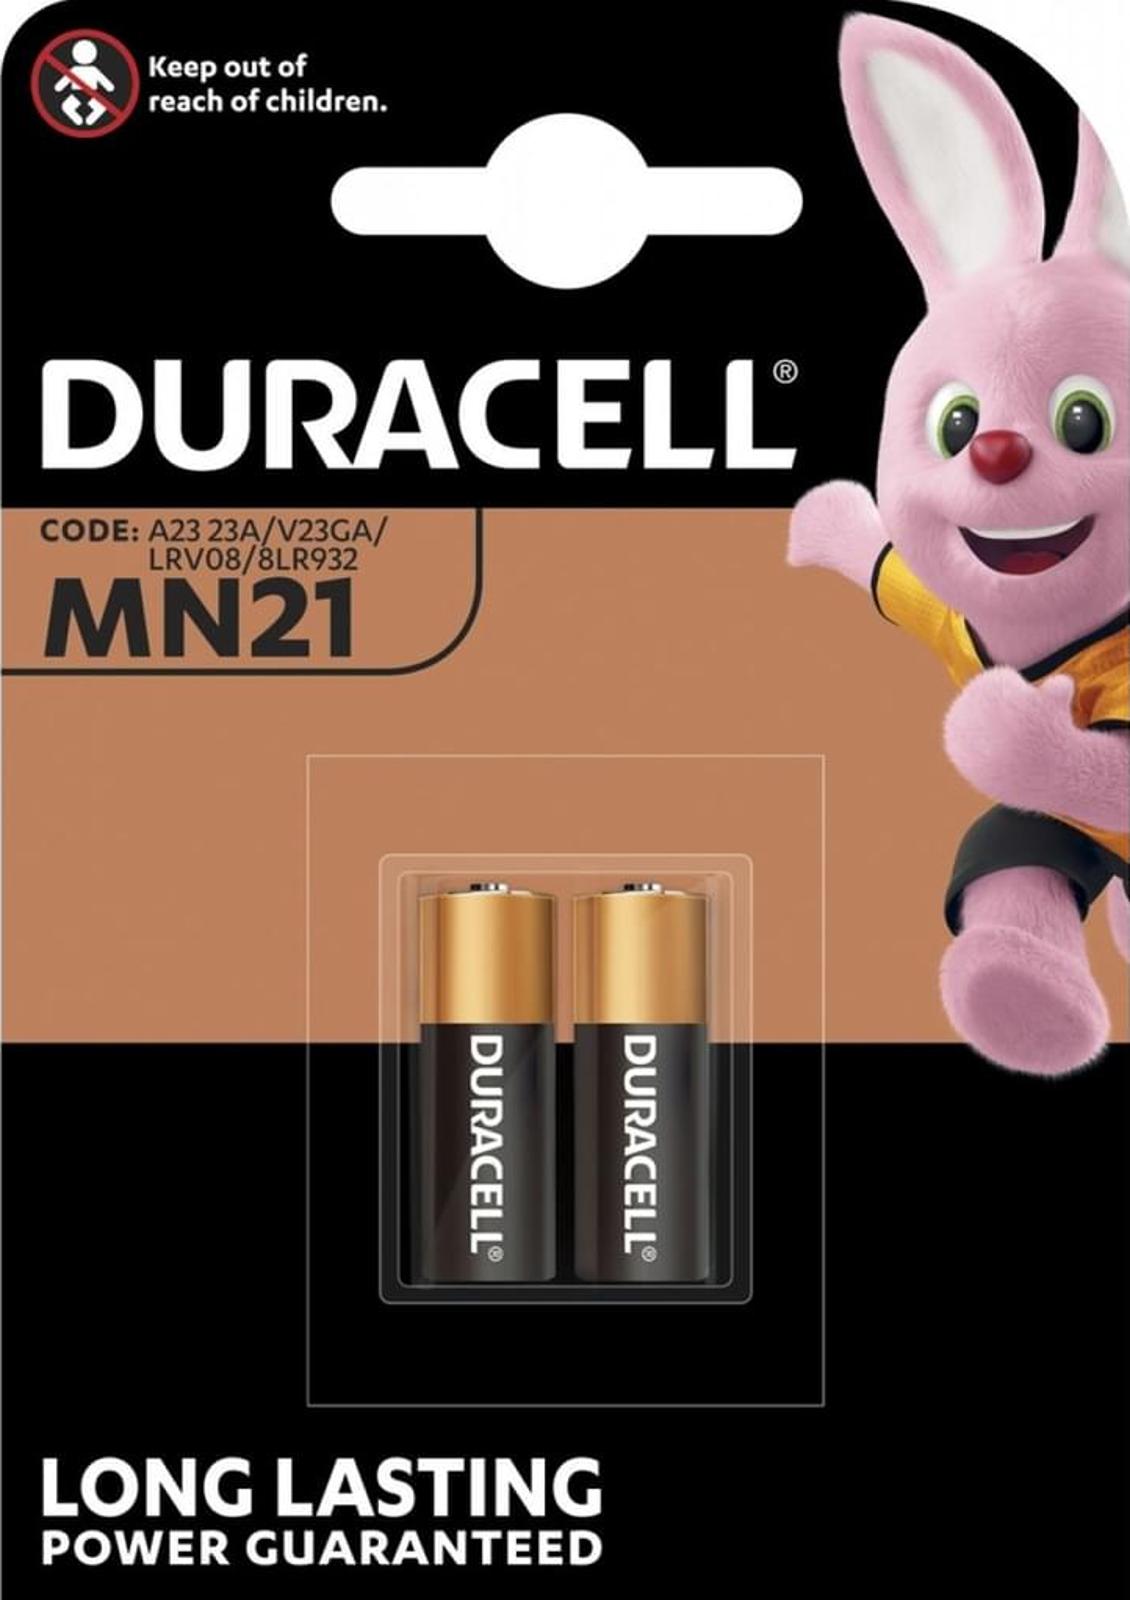 6x Duracell Specialty Alkaline MN21 Batteries 12V 3x 2er Blister MN21